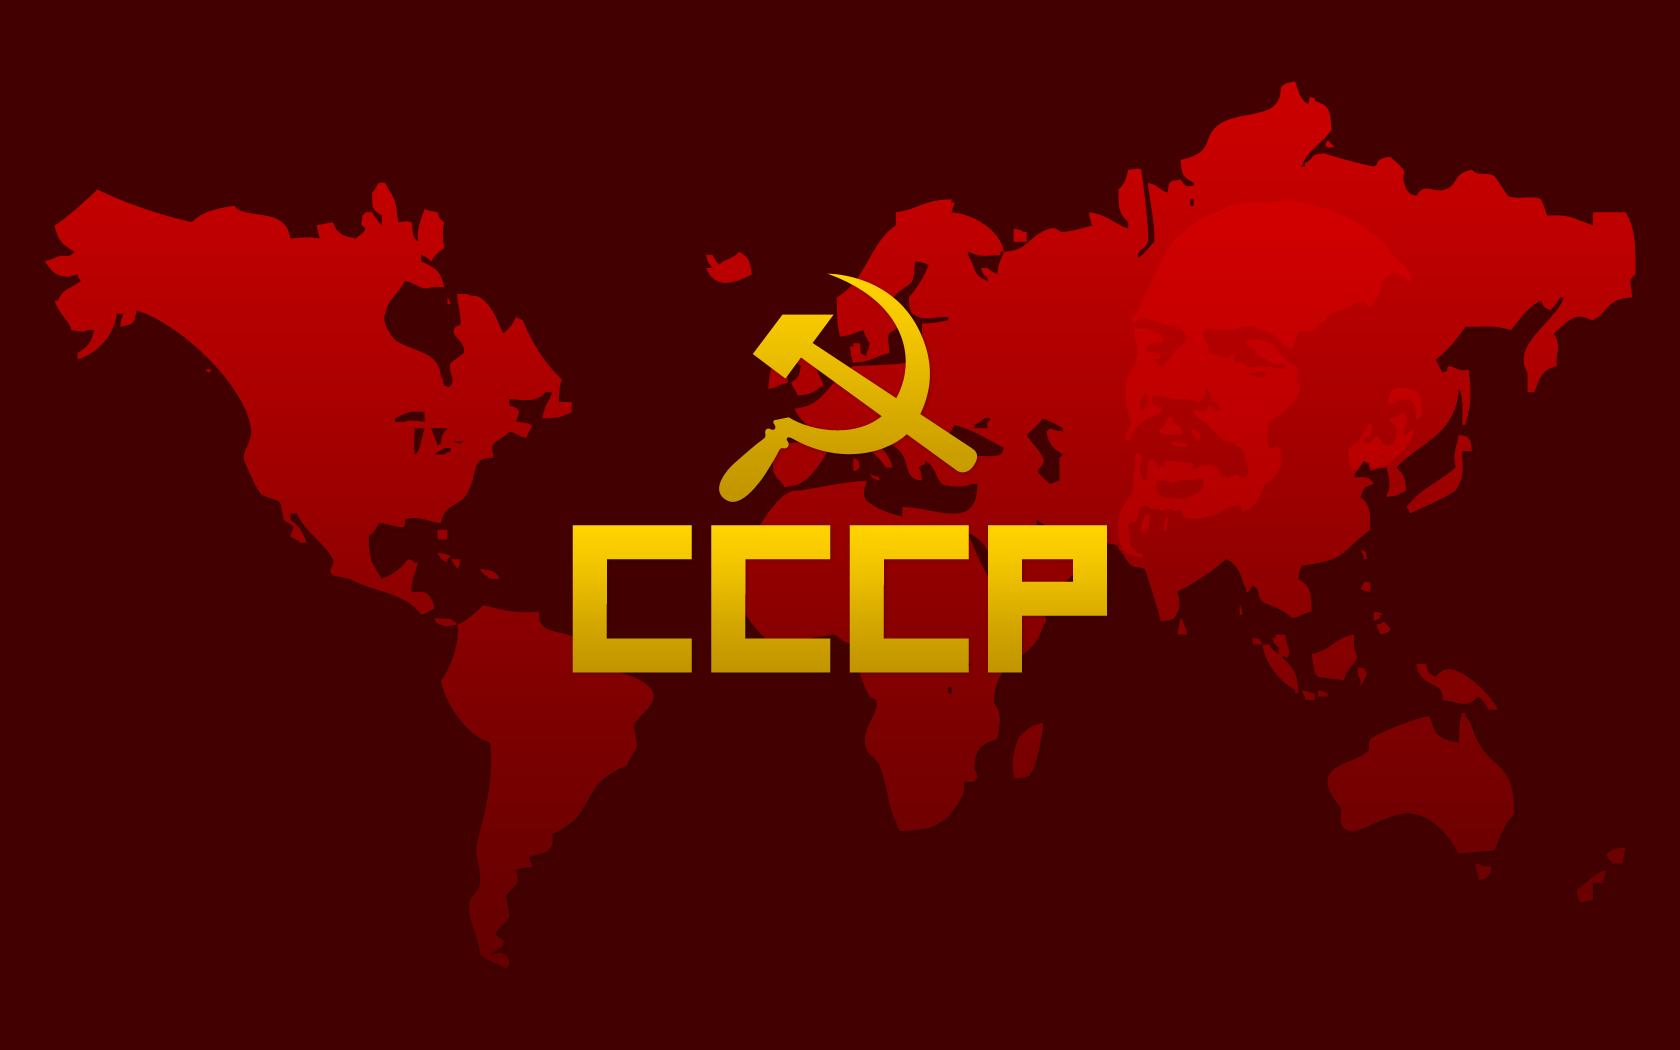 cccp-wallpaper-3.jpg